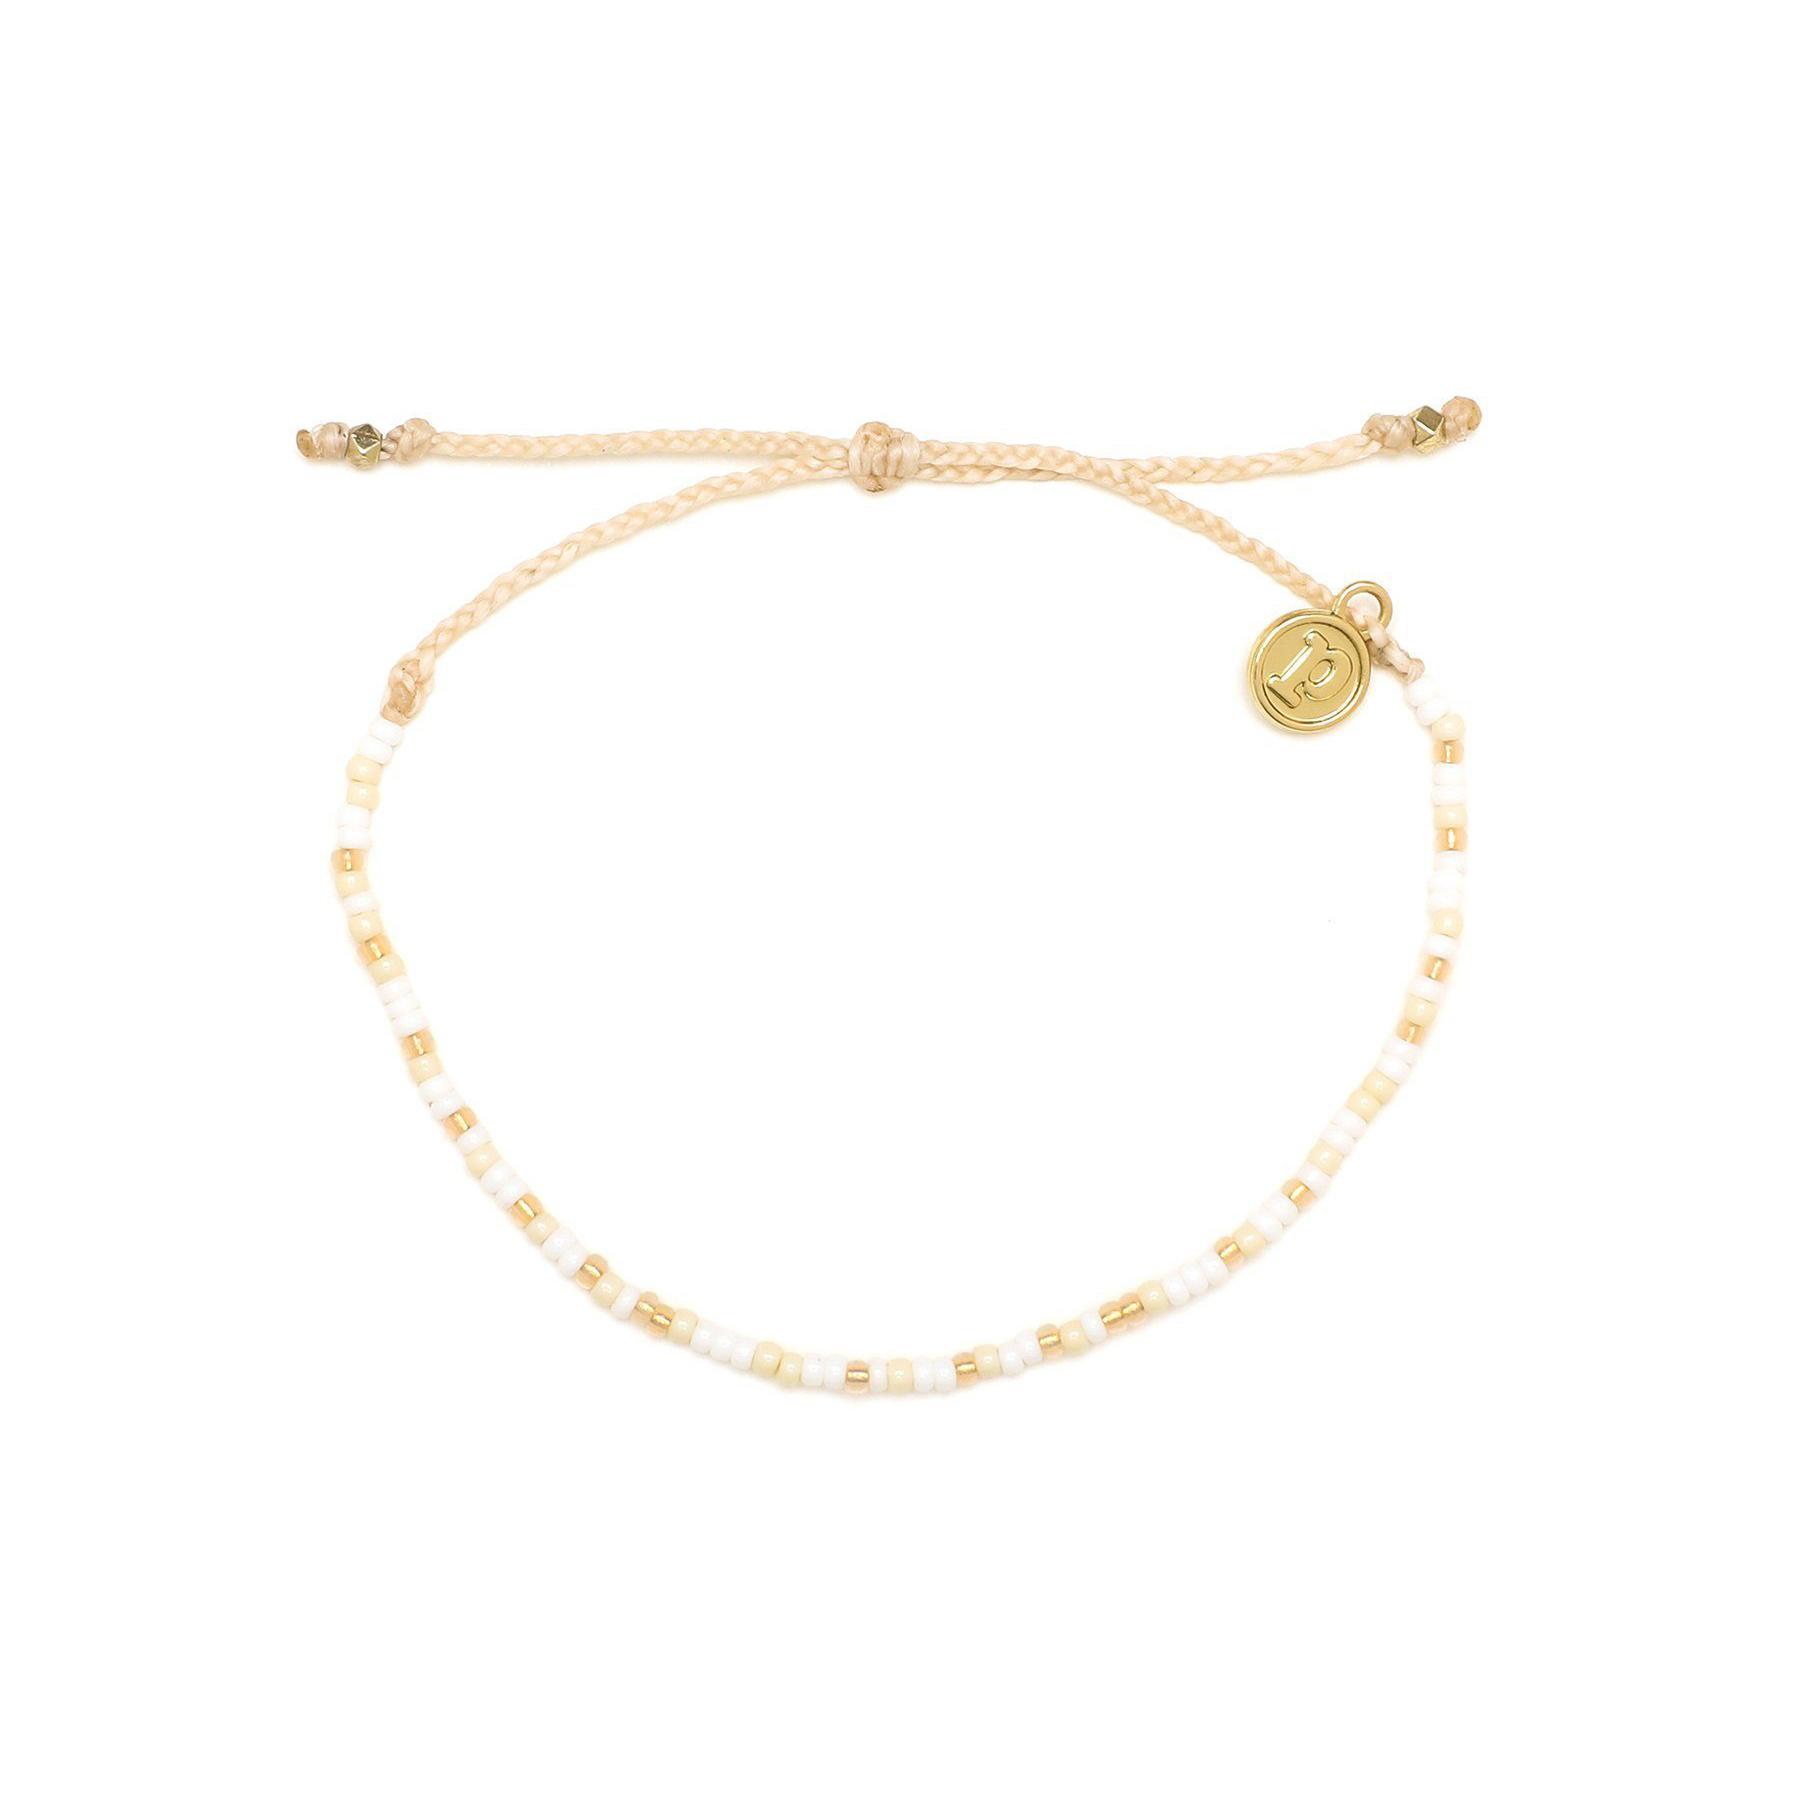 Puravida Desert Seed Bead Bracelet, White